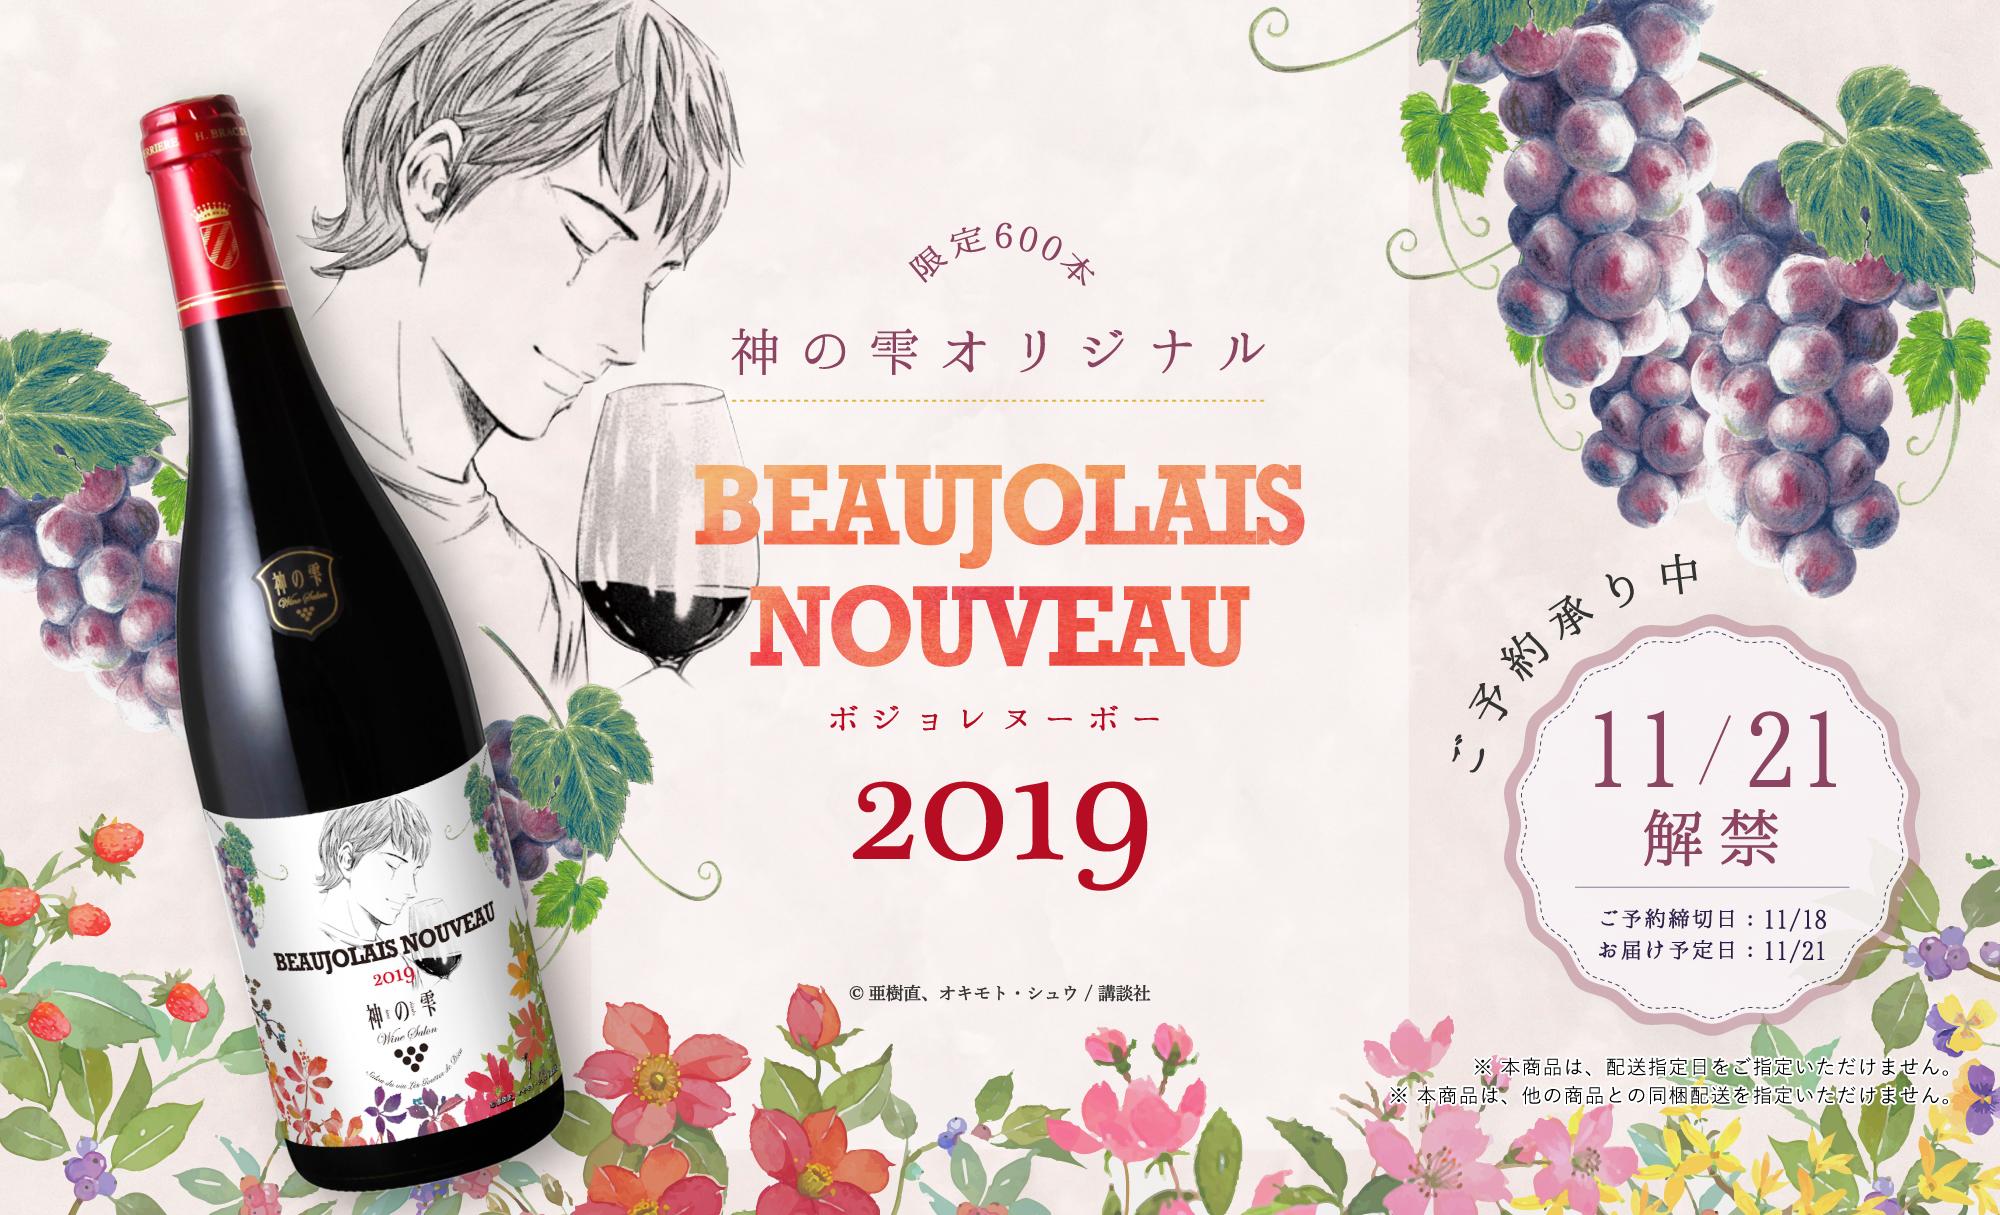 ボジョレ・ヌーヴォー2019|神の雫|オリジナルワイン